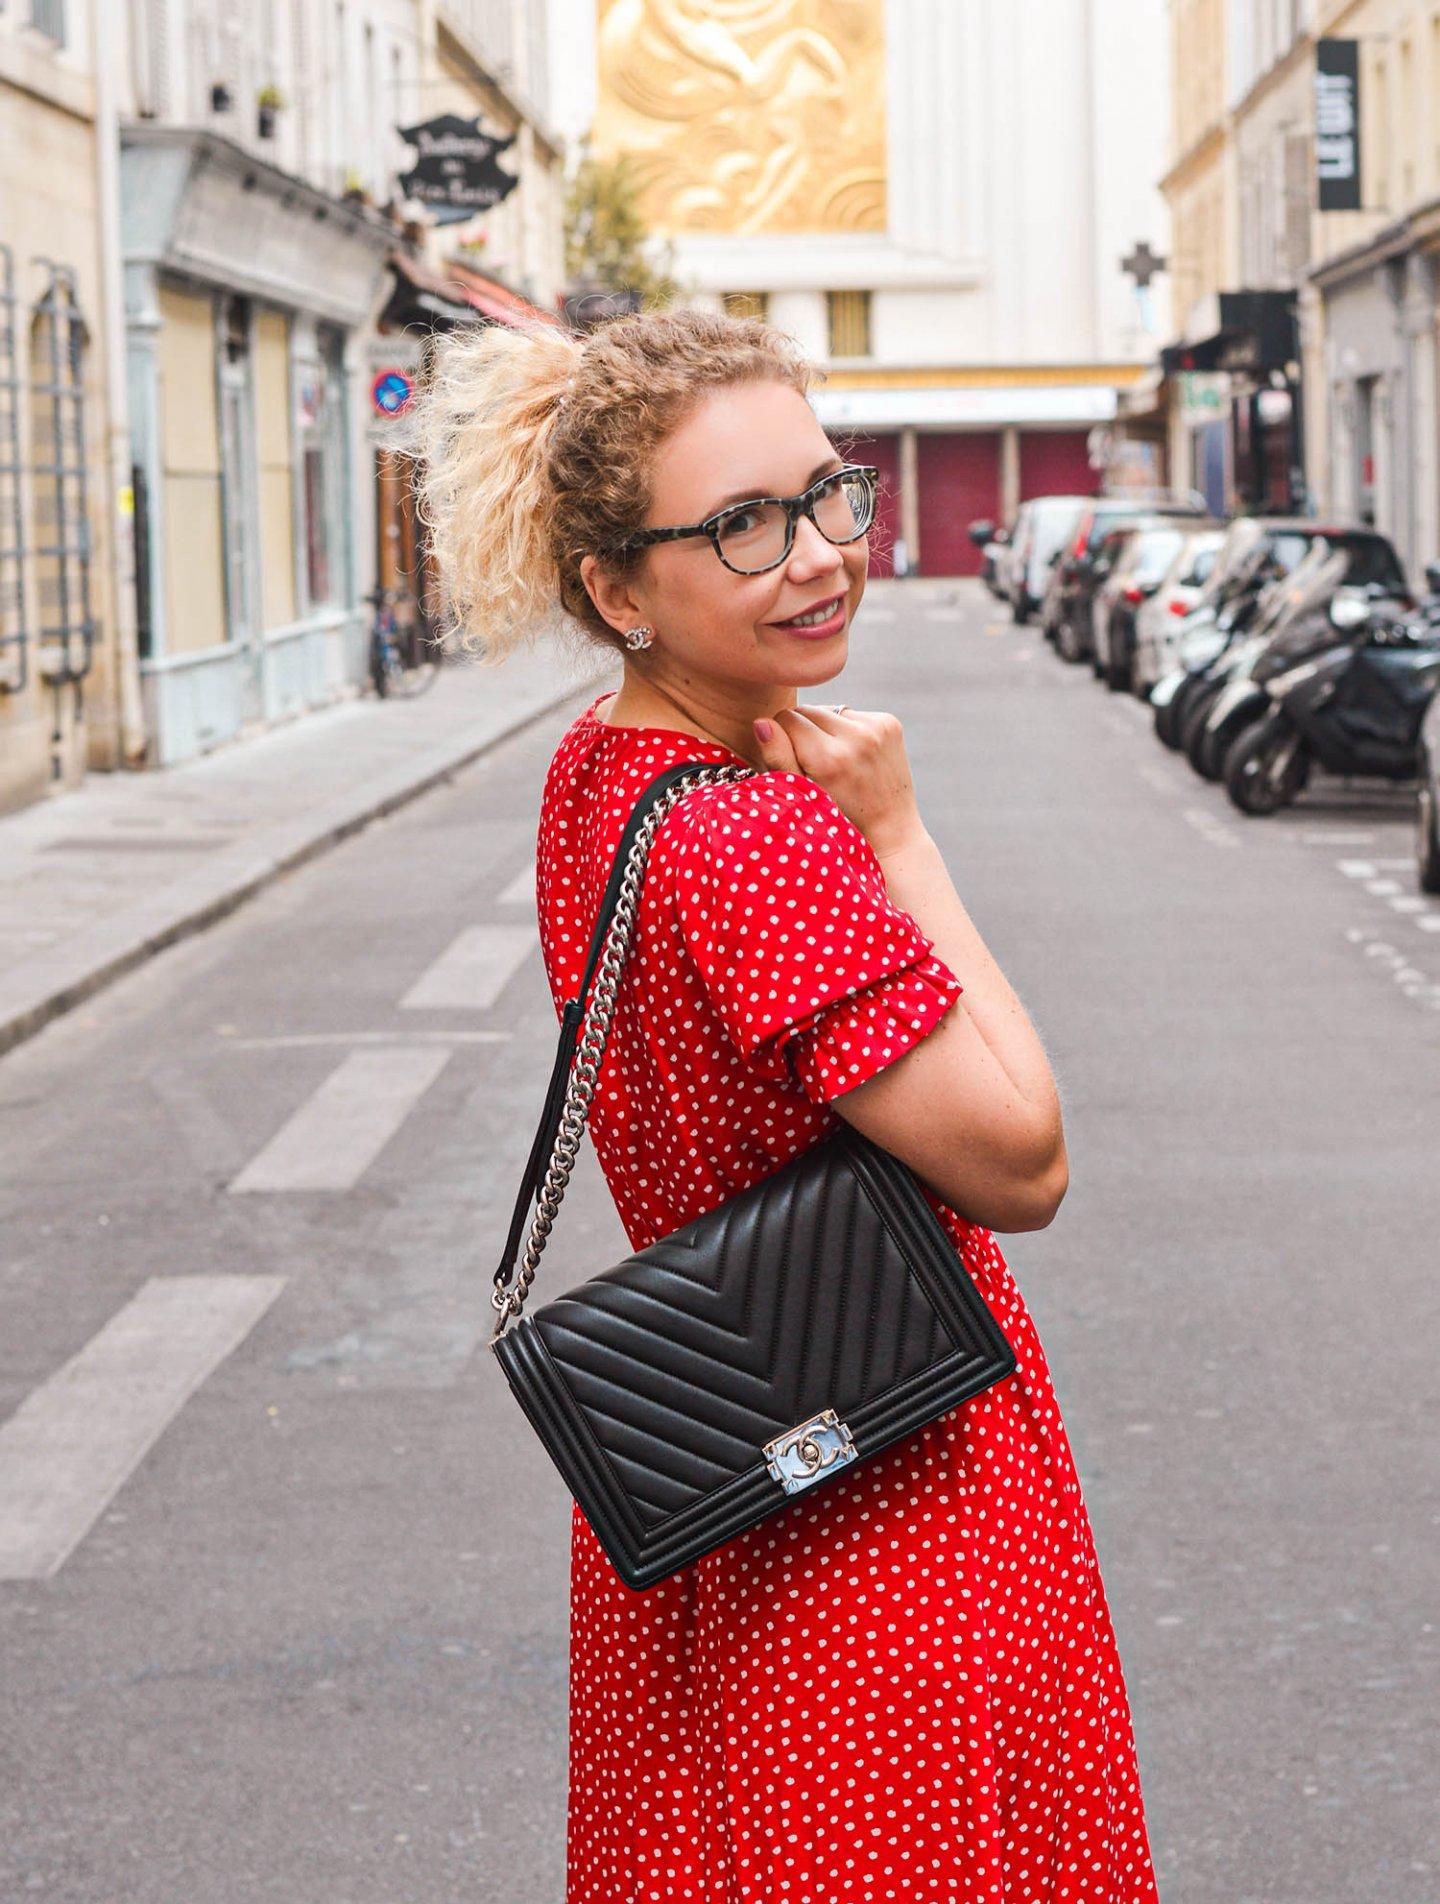 Chanel Handtasche und rotes Kleid in Paris